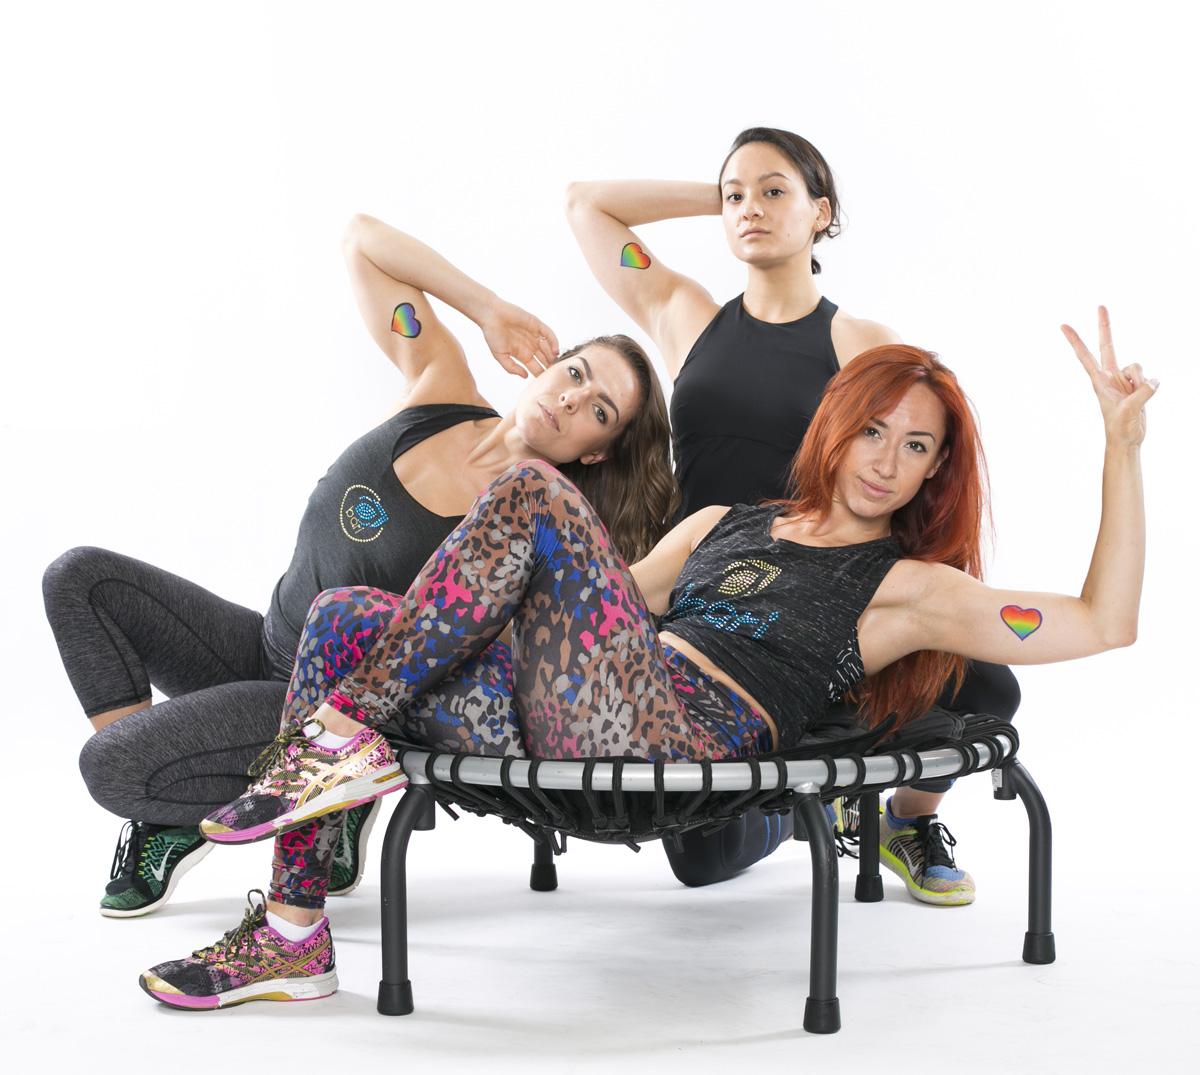 Bari Studio Team